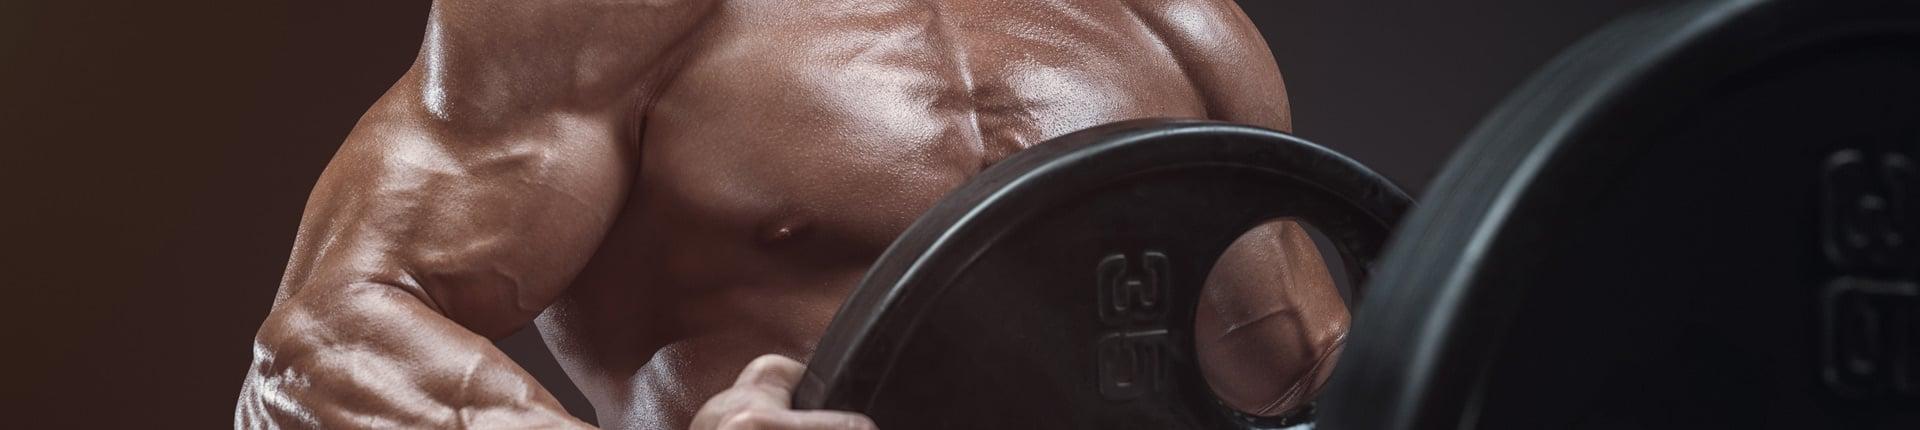 Trening odchudzający dla mężczyzn